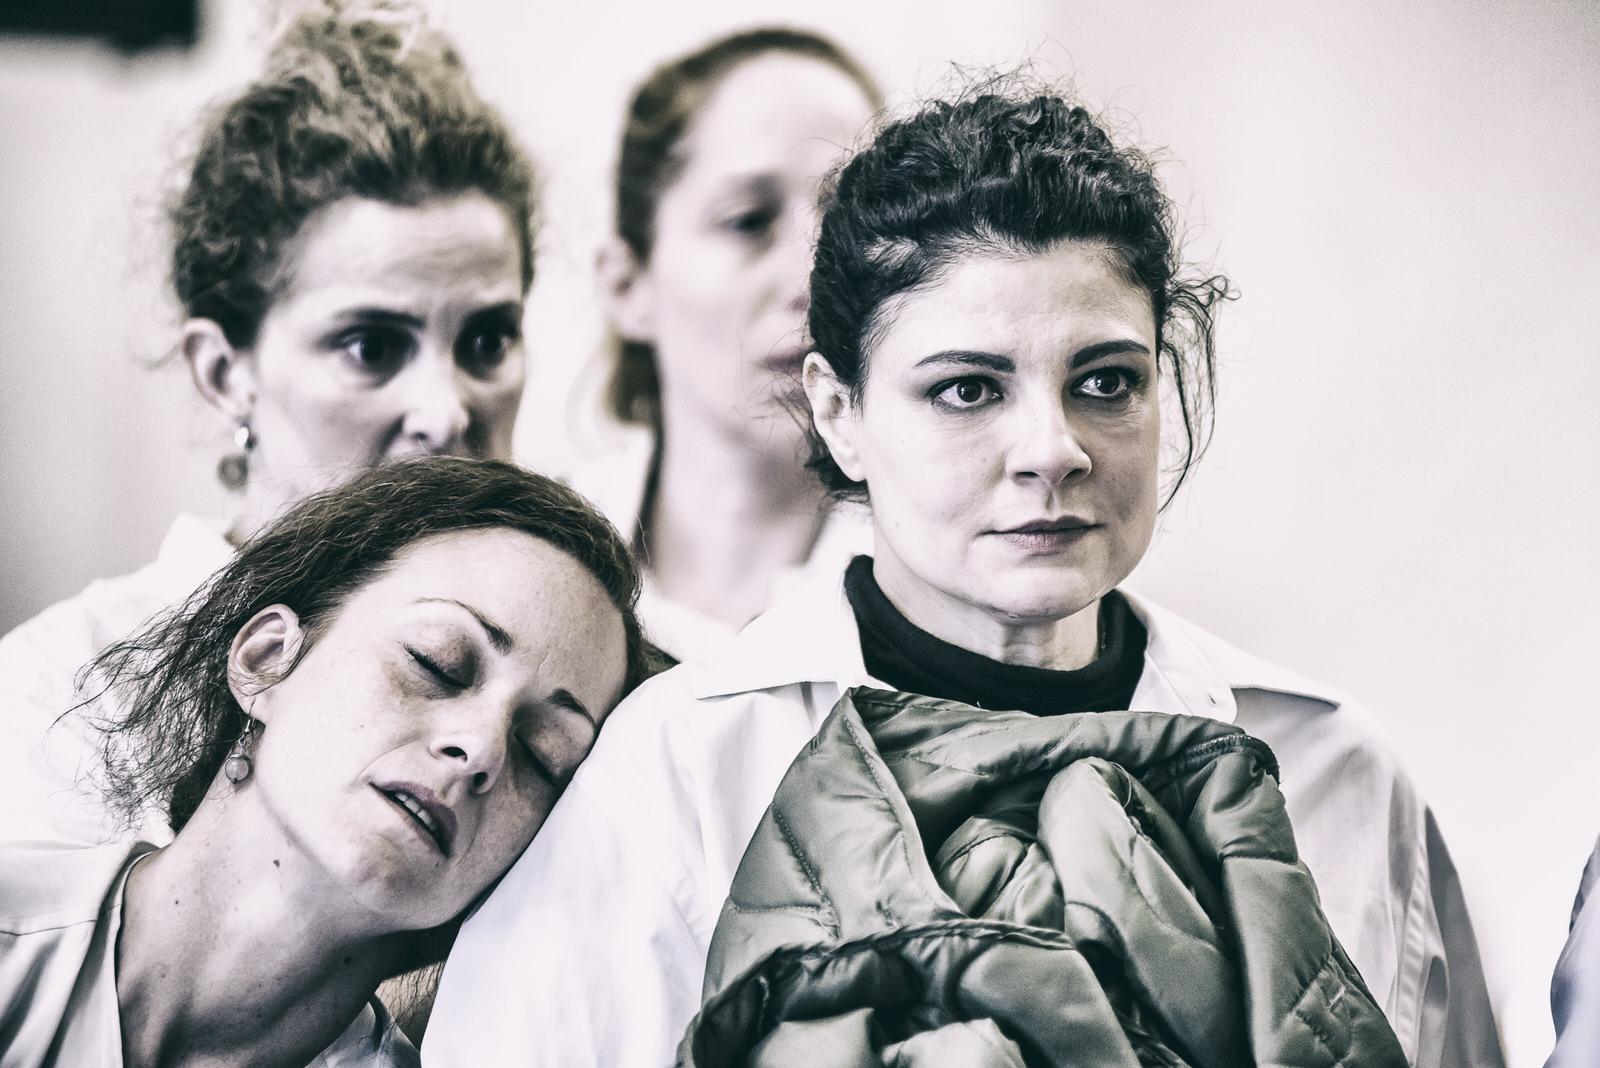 Ικέτιδες του Ευριπίδη από το Εθνικό Θέατρο στα Αισχύλεια